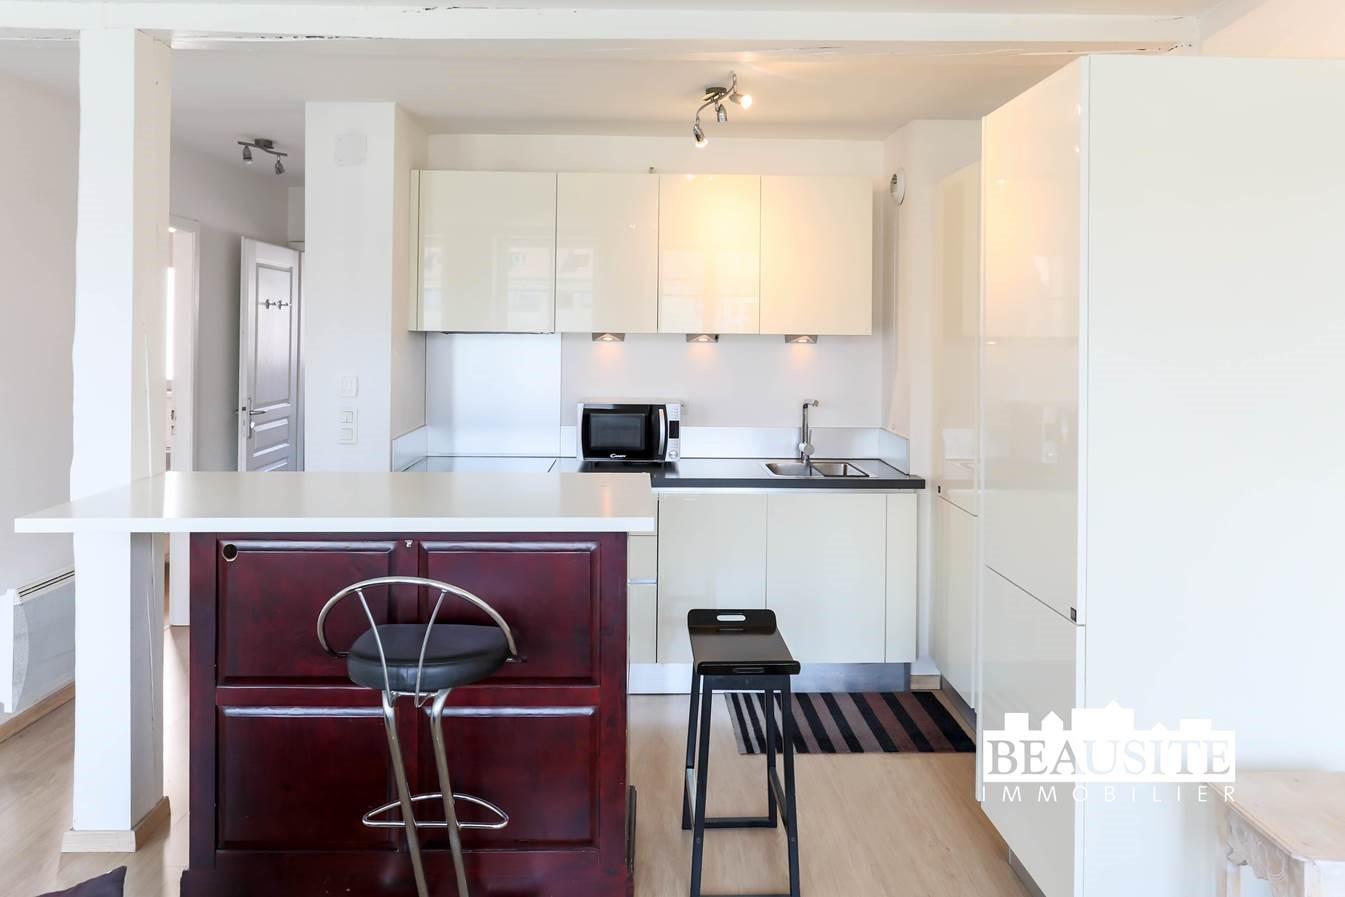 [Le Batelier] Agréable 2 pièces meublé - Krutenau / Quai des Bateliers - nos locations - Beausite Immobilier 4